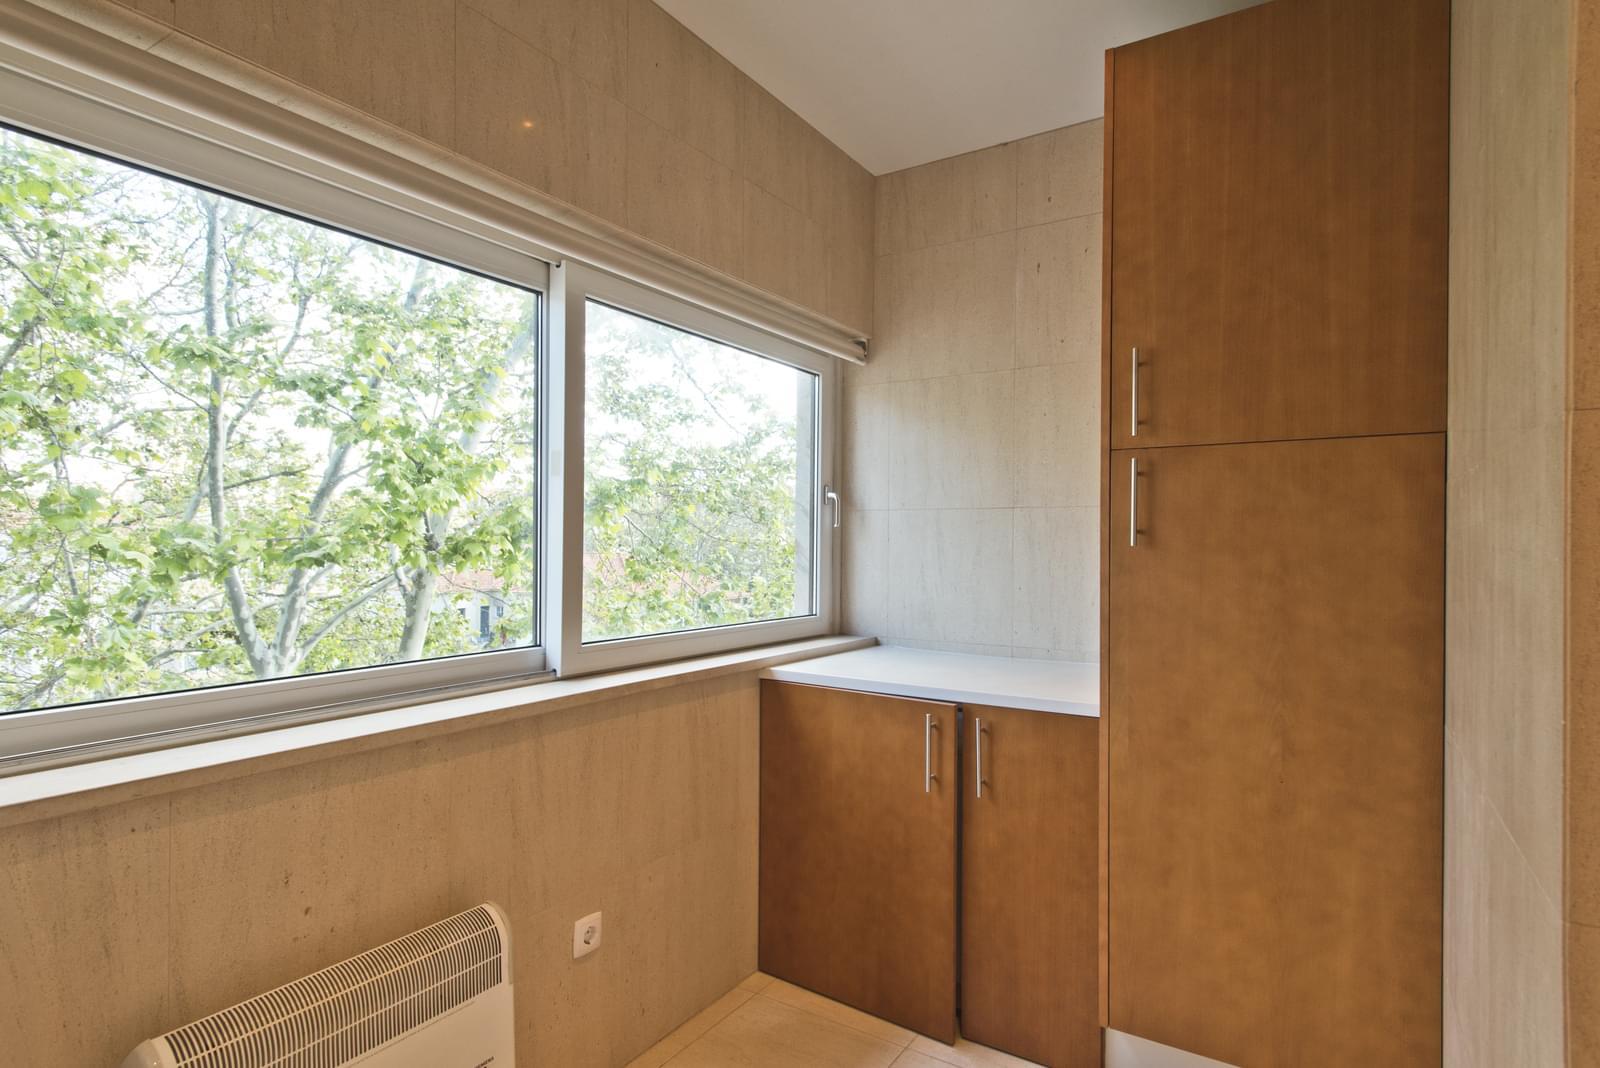 pf17006-apartamento-t1-cascais-abff16f2-5fe7-4263-90c4-5827f6cb0cdc